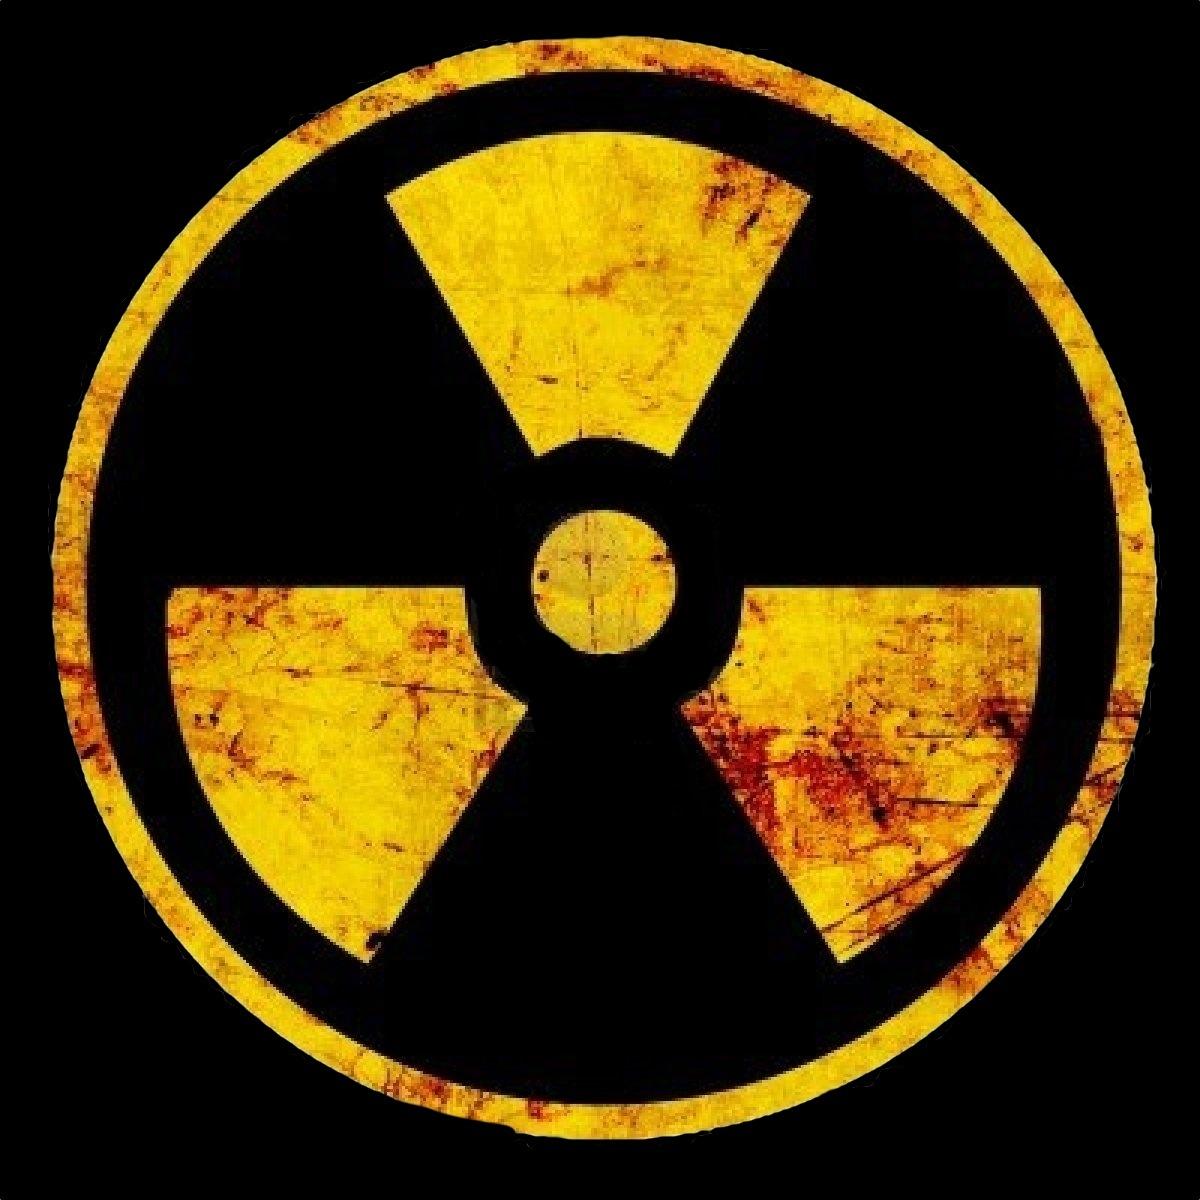 Uranium Symbol Image - 15612731...